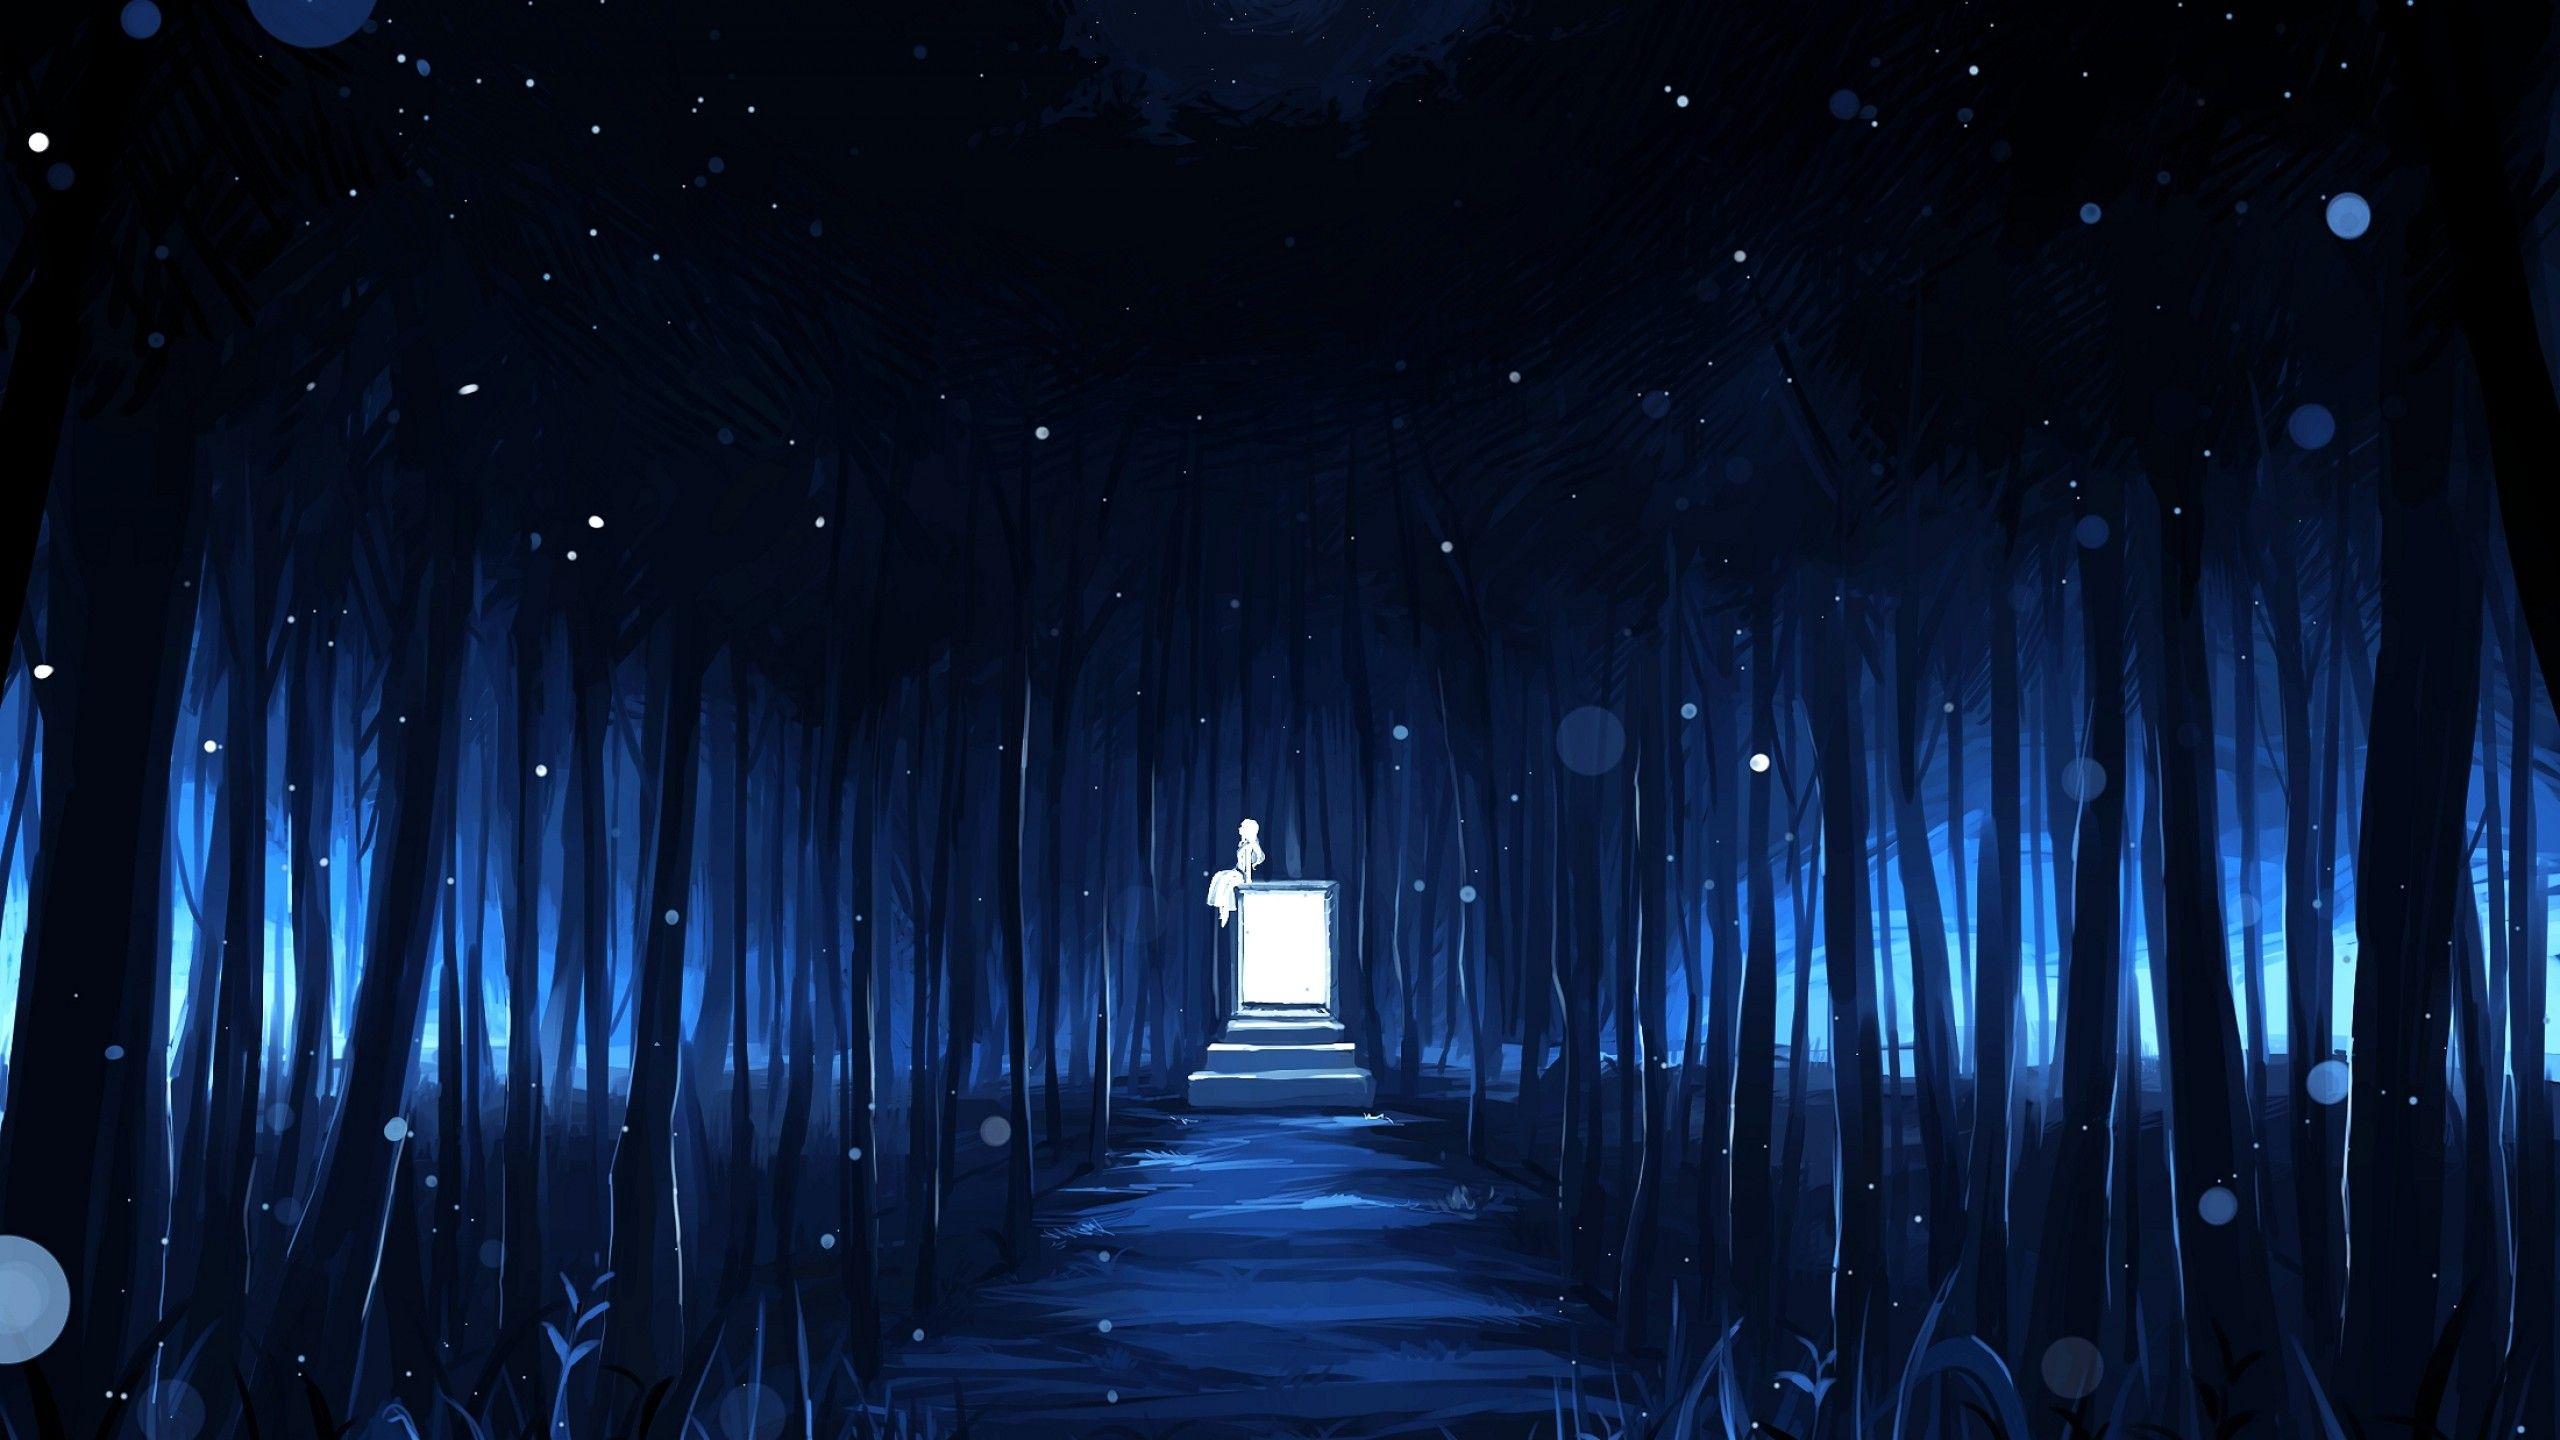 2560x1440 Wallpaper Anime Dark Landscape Landscape Wallpaper Scenery Wallpaper